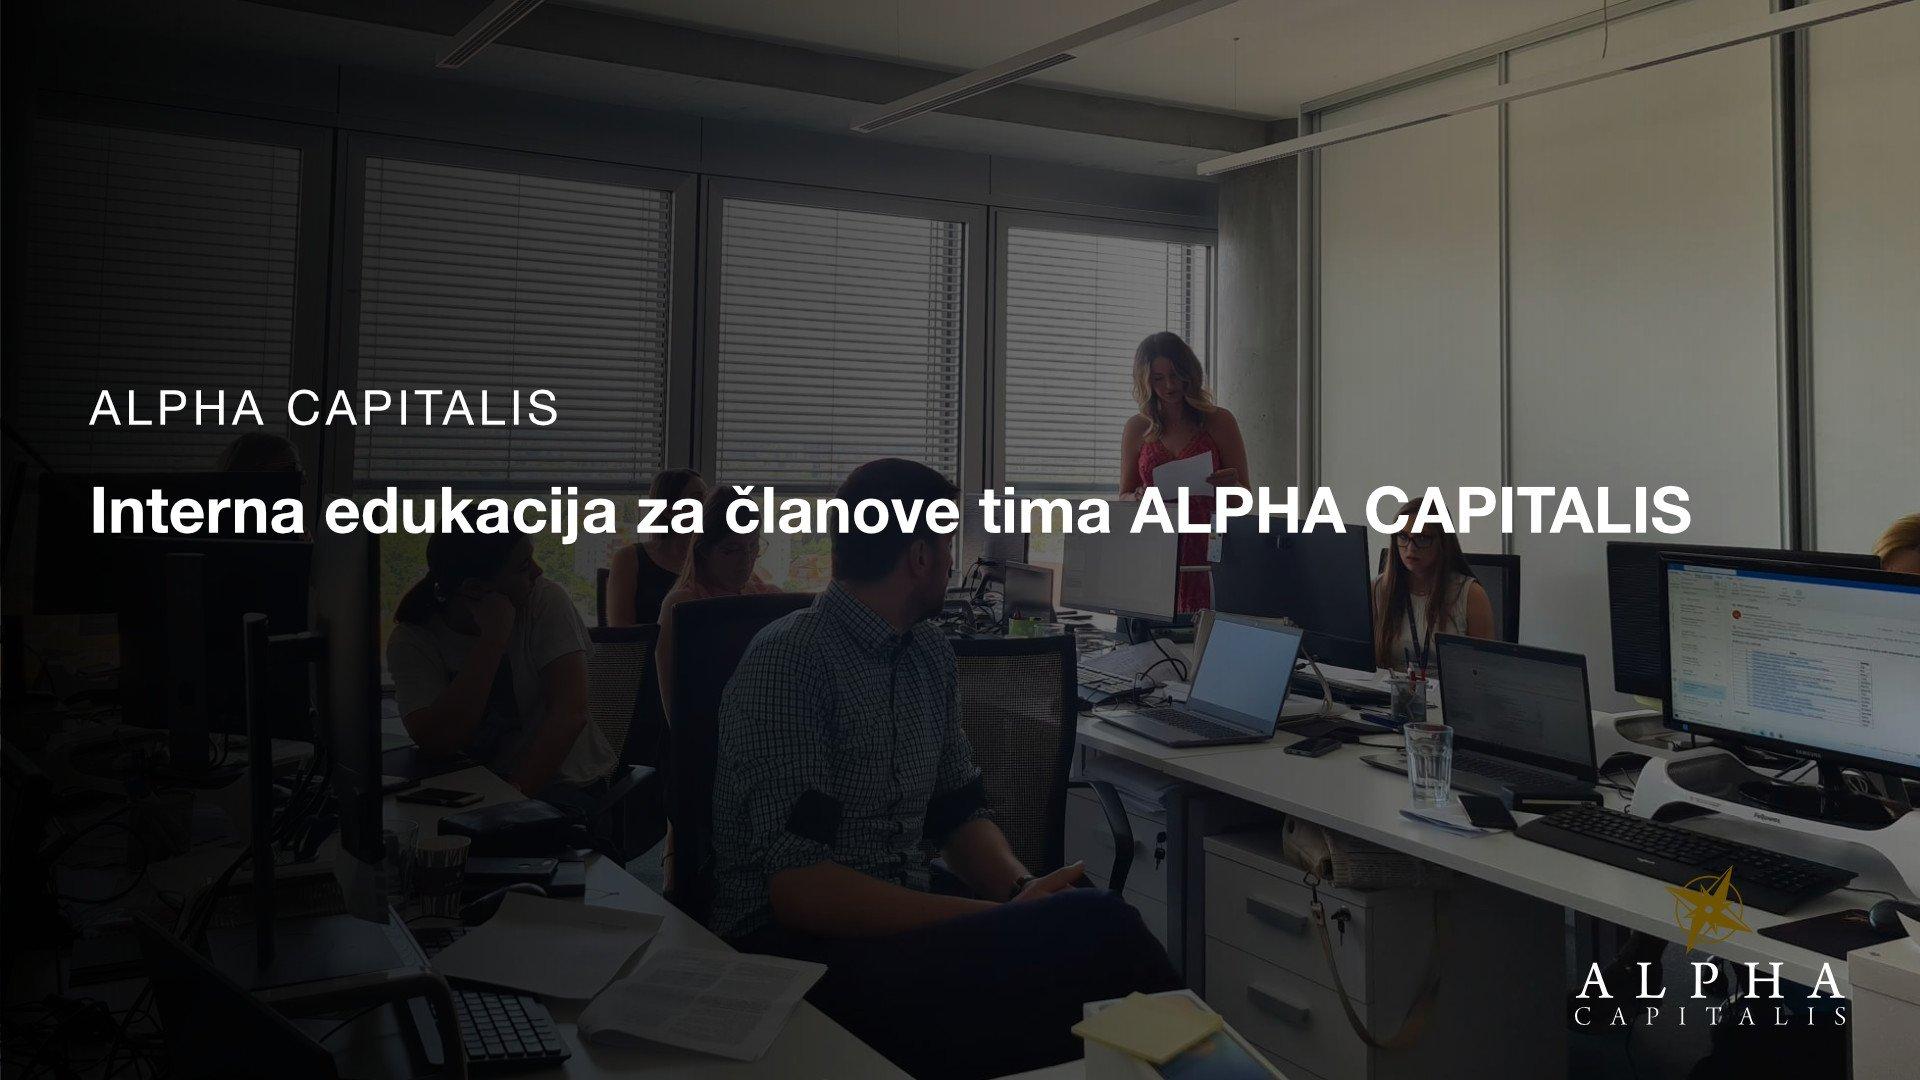 Interna edukacija za članove tima ALPHA CAPITALIS